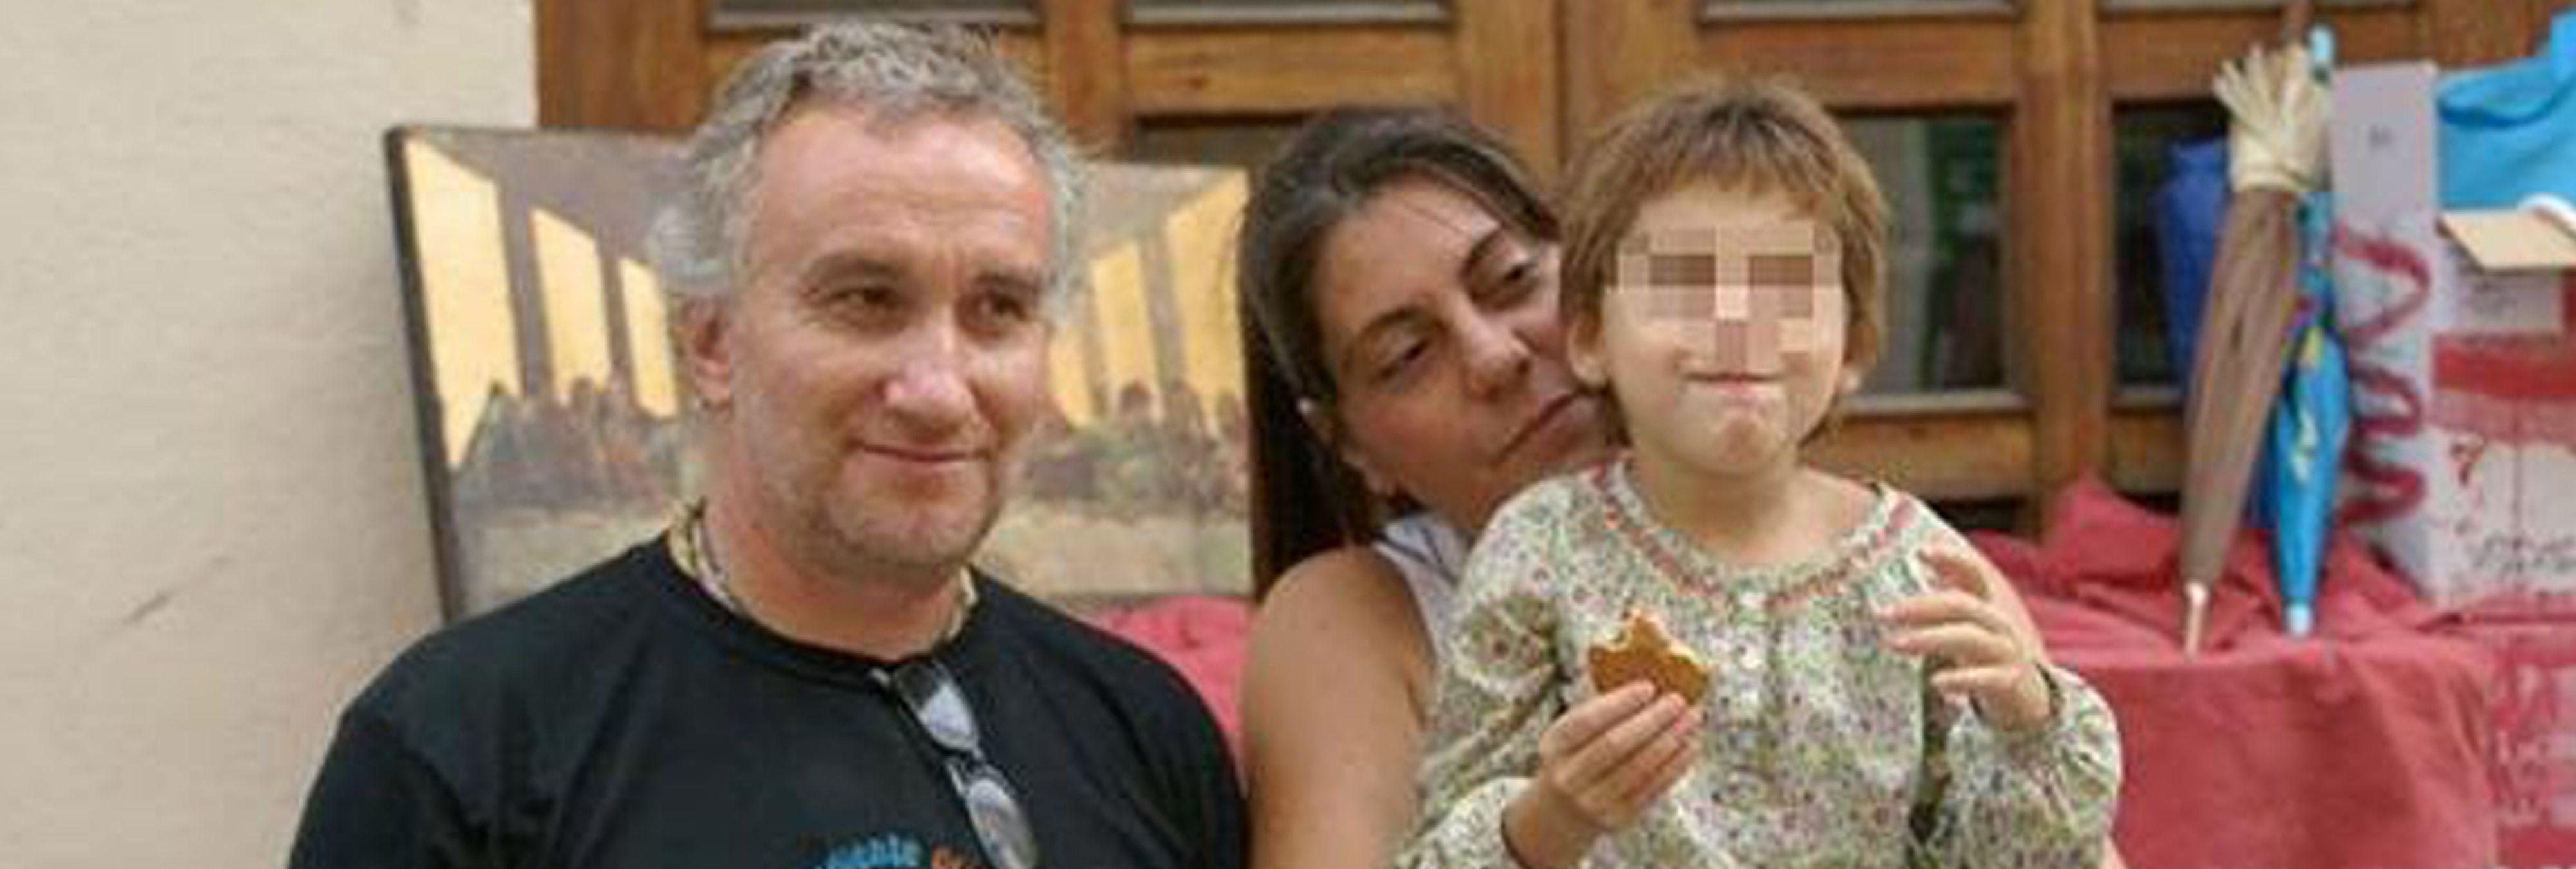 Los padres de Nadia, condenados a cinco y tres años de cárcel